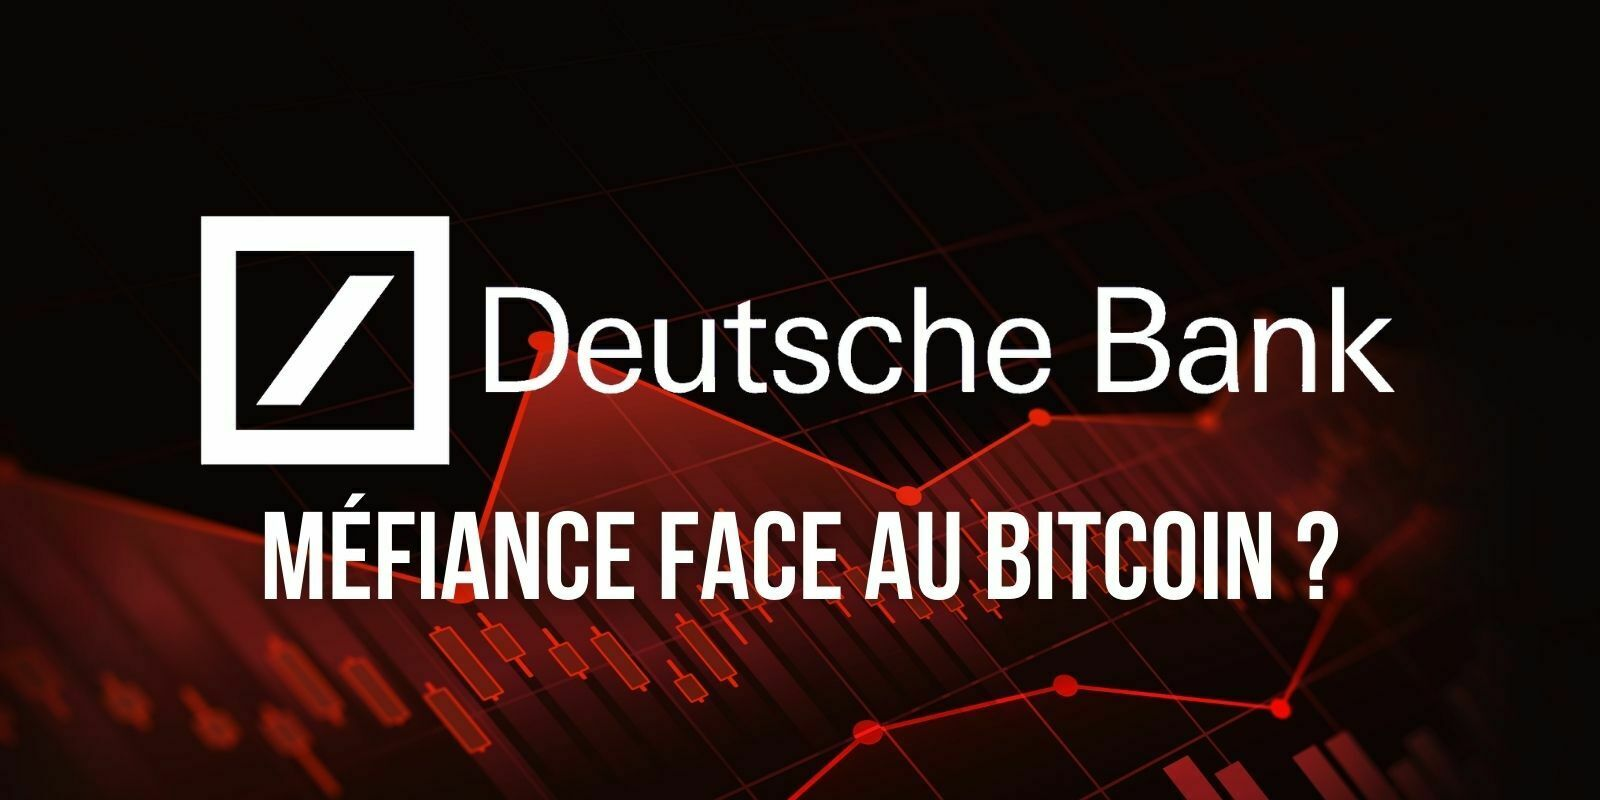 La Deutsche Bank tourne-t-elle le dos au Bitcoin (BTC)?